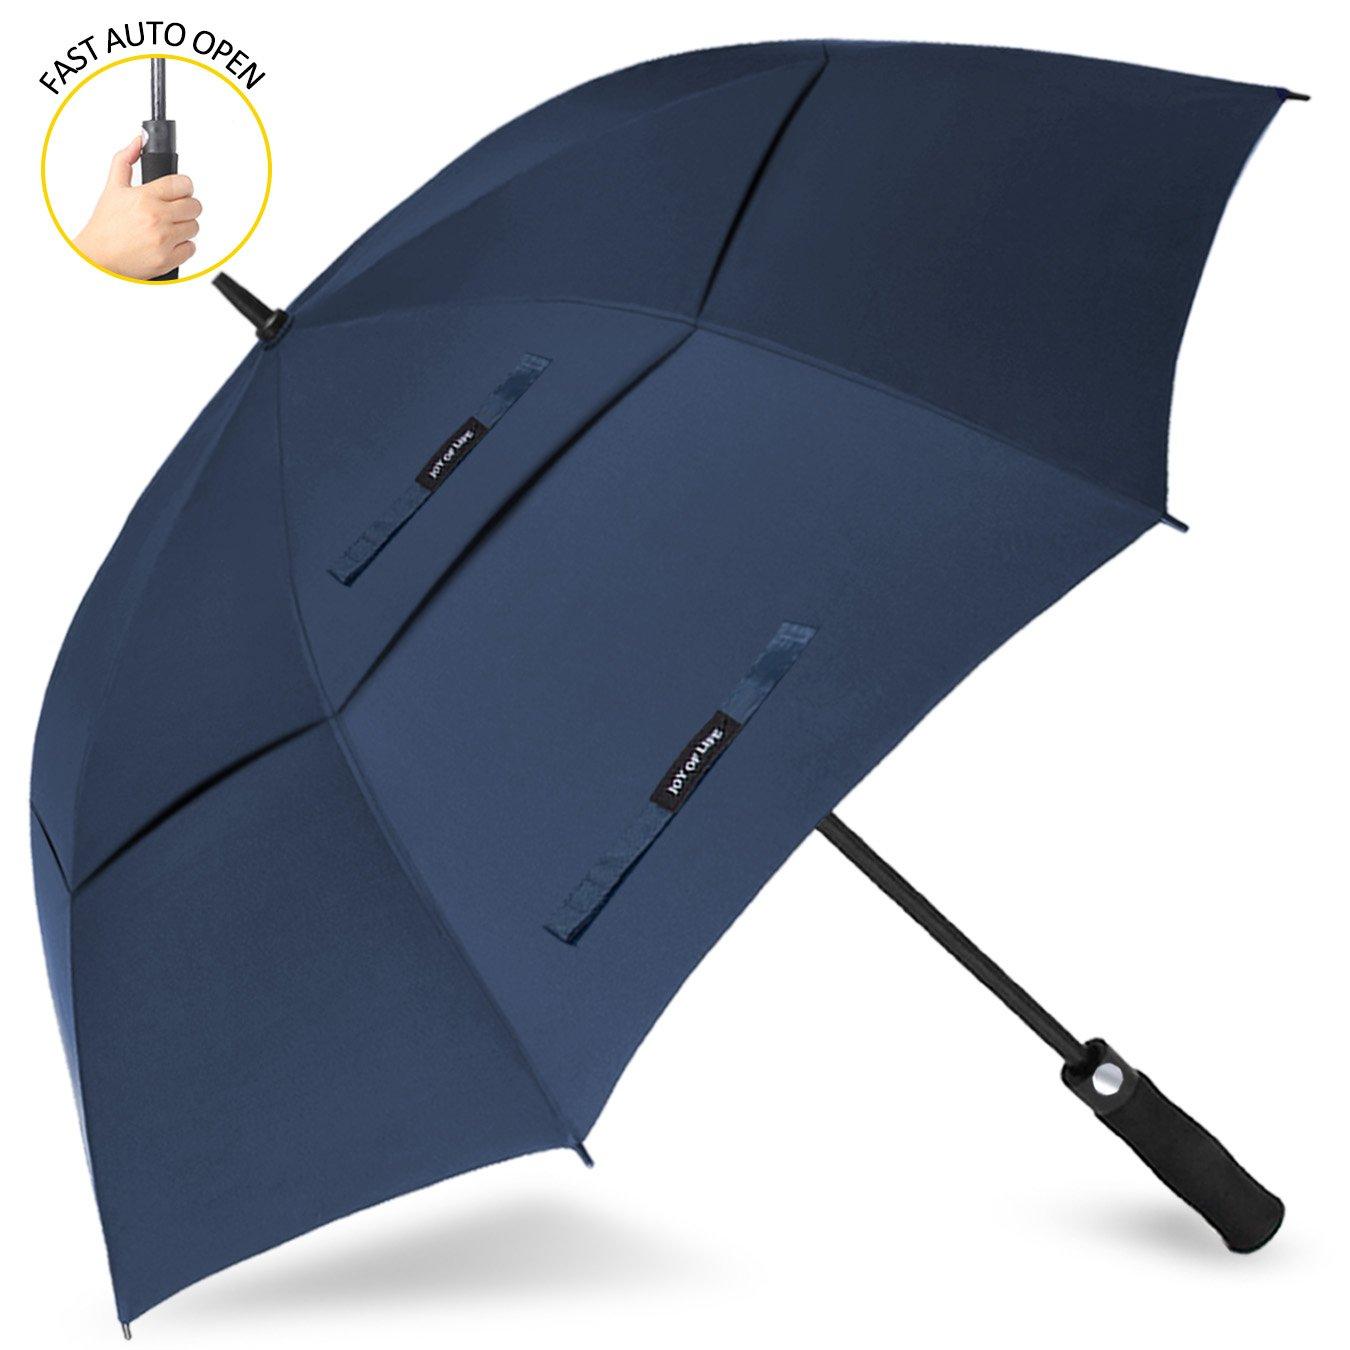 ゴルフ傘 長傘 ワンタッチ 自動開け大きな傘 100cm 梅雨対策 台風対応 ビジネス用 メンズ B071KFPX19青 傘の長さ100cm(62inches)